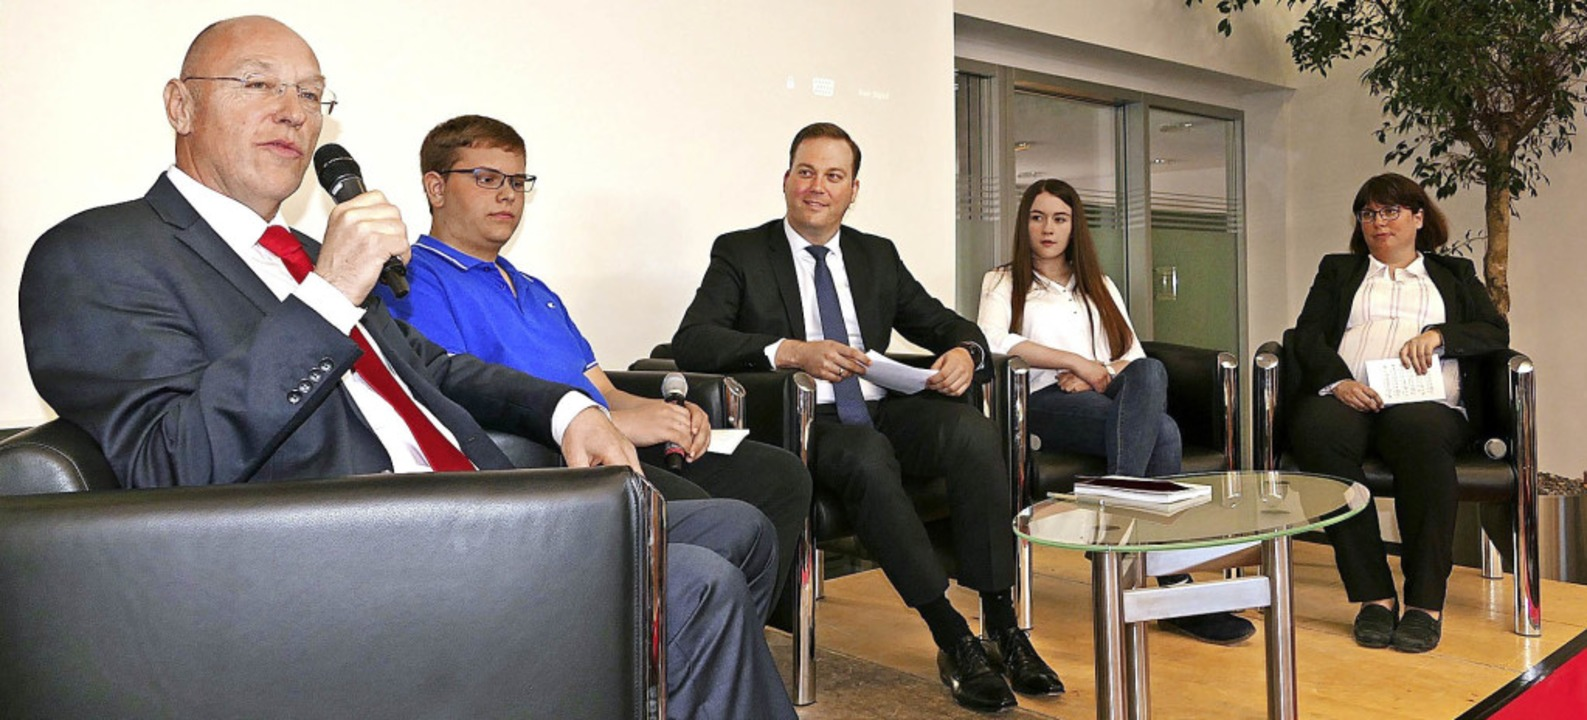 Diskutierten über die Verankerung und ...icola Baldischwiler und Carola Meents.  | Foto: Stefan Limberger-Andris